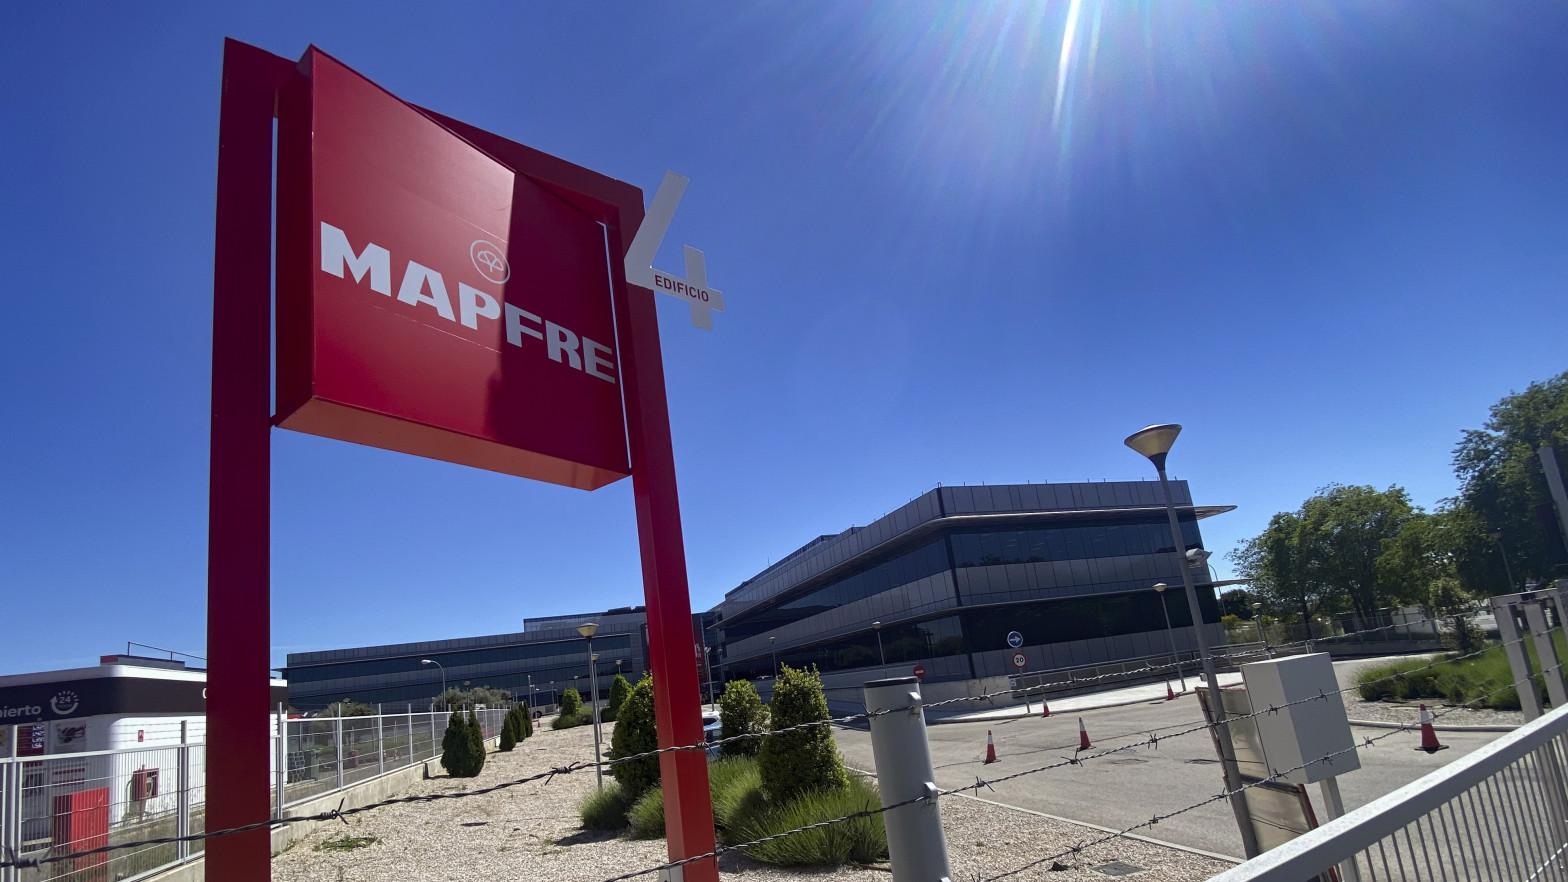 Un juez investiga a Mapfre por la revelación de secretos de un empresario y político ecuatoriano